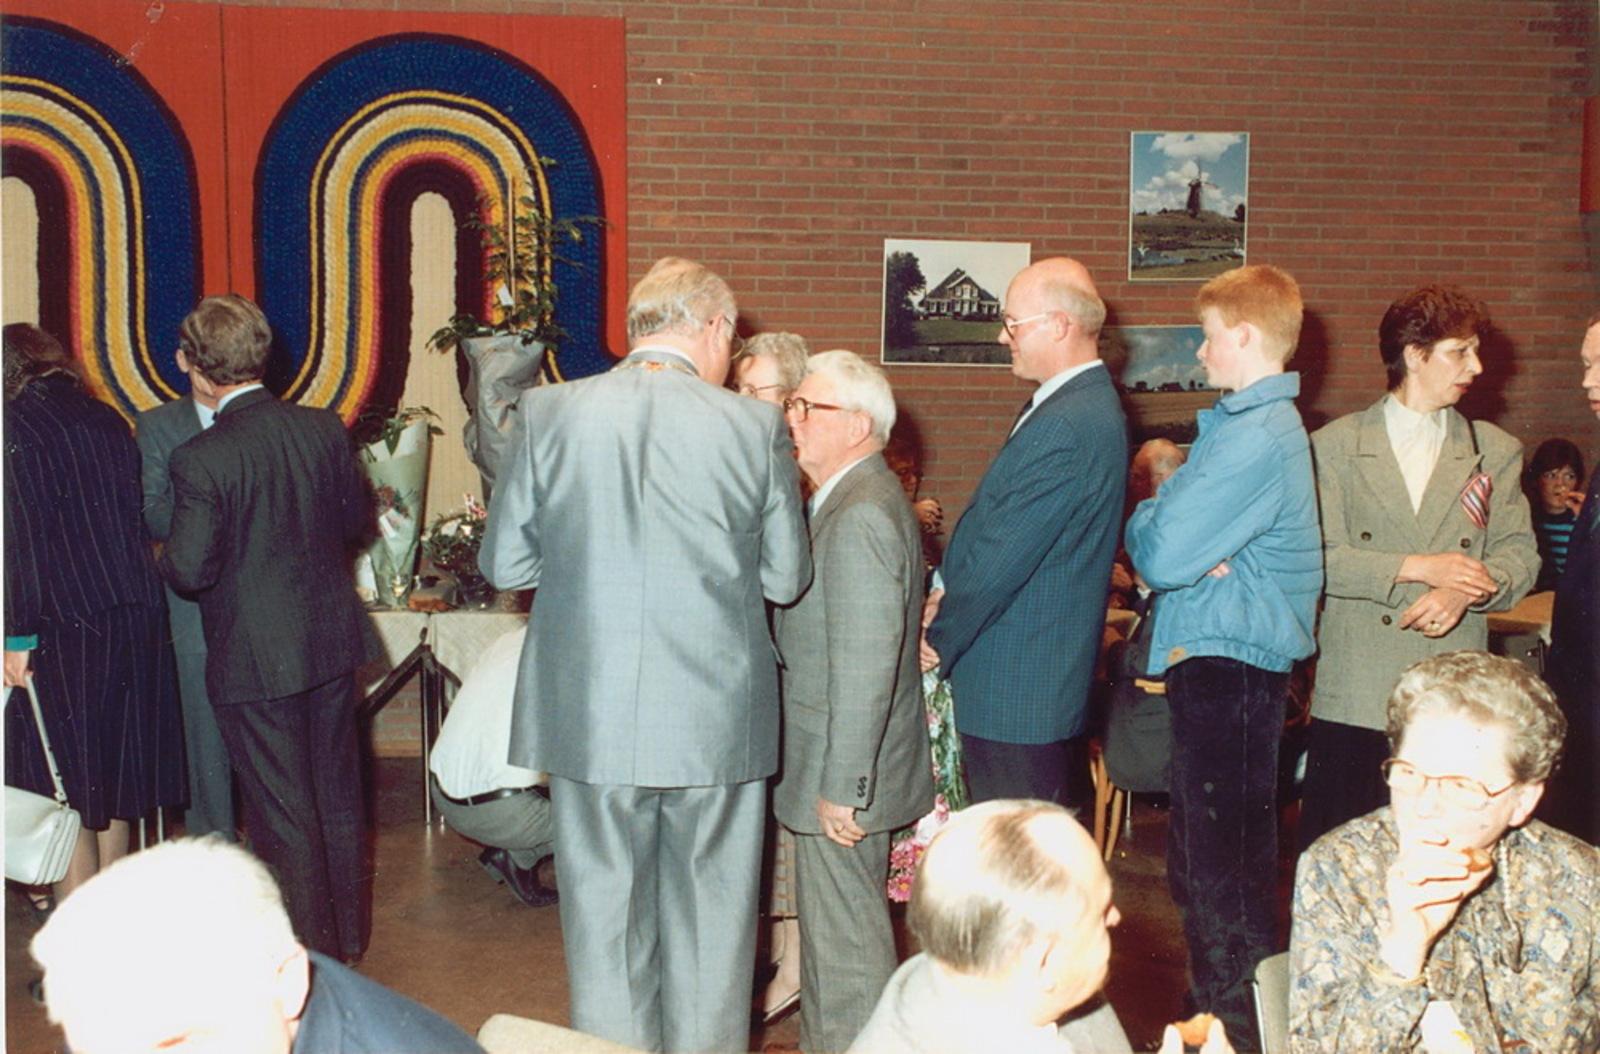 Marktlaan O 0022 1988 Sigarenboer Kraak 50jr Jub en Sluiting 71